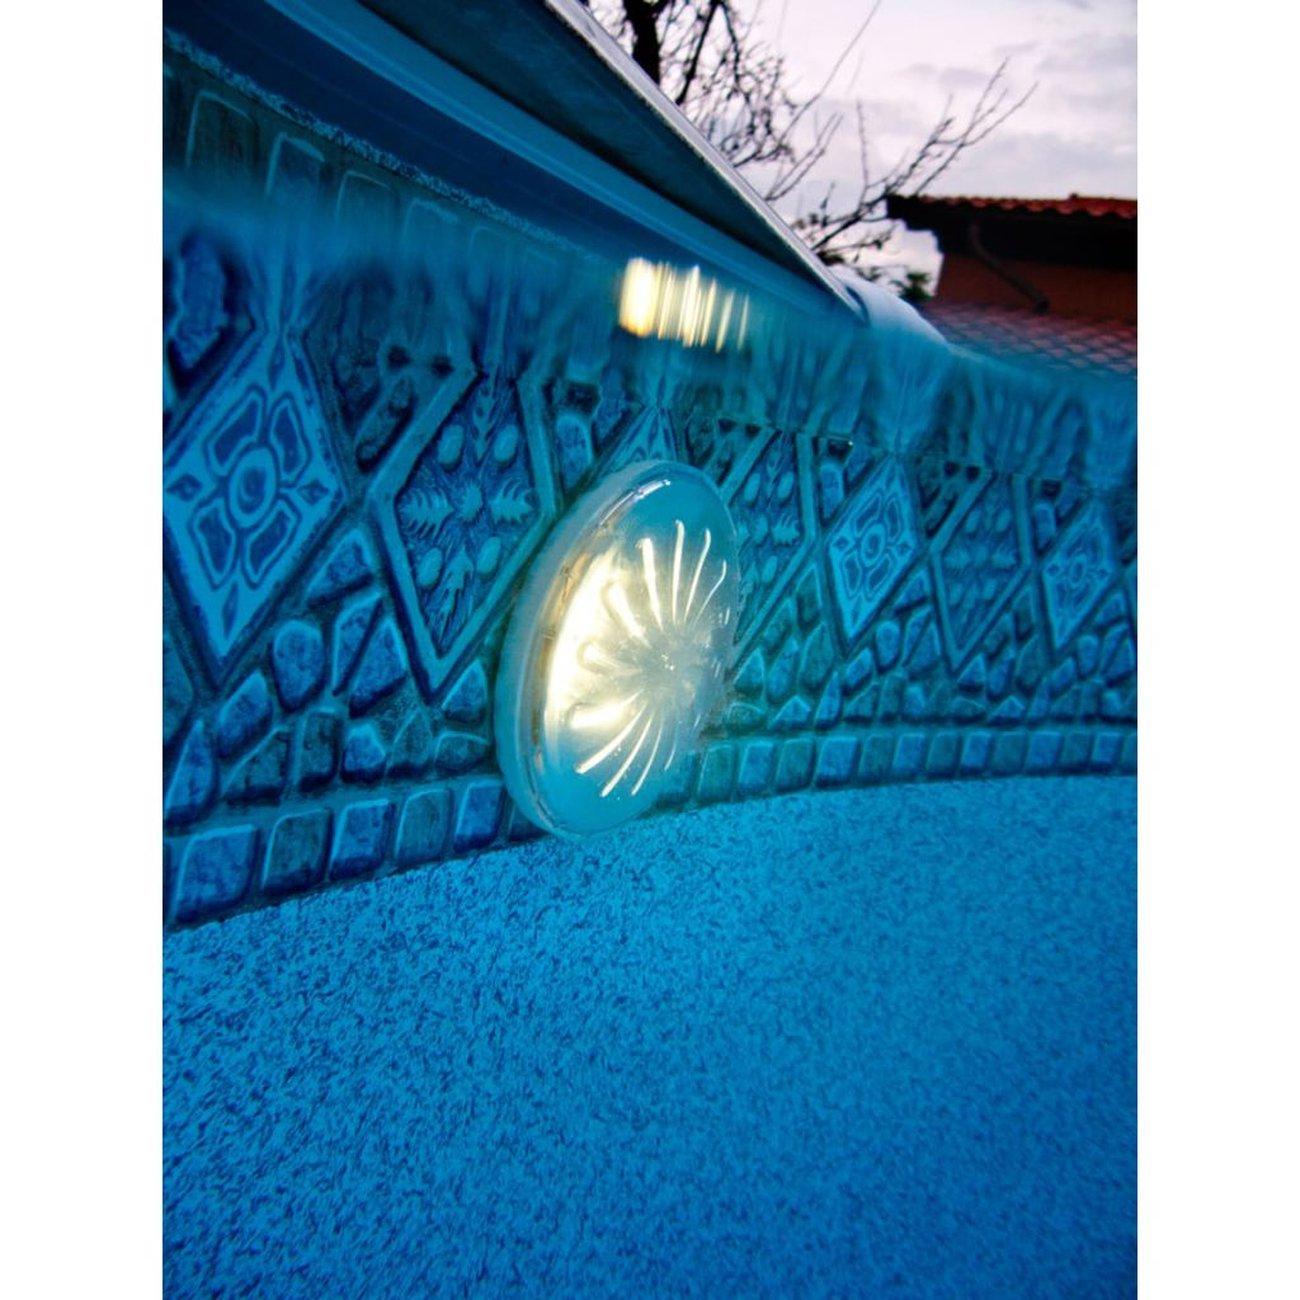 Natation Gre Gre Lampe Led Magnétique Pour Piscine Hors Sol 2 Pcs Blanc intérieur Piscine Hors Sol Solde